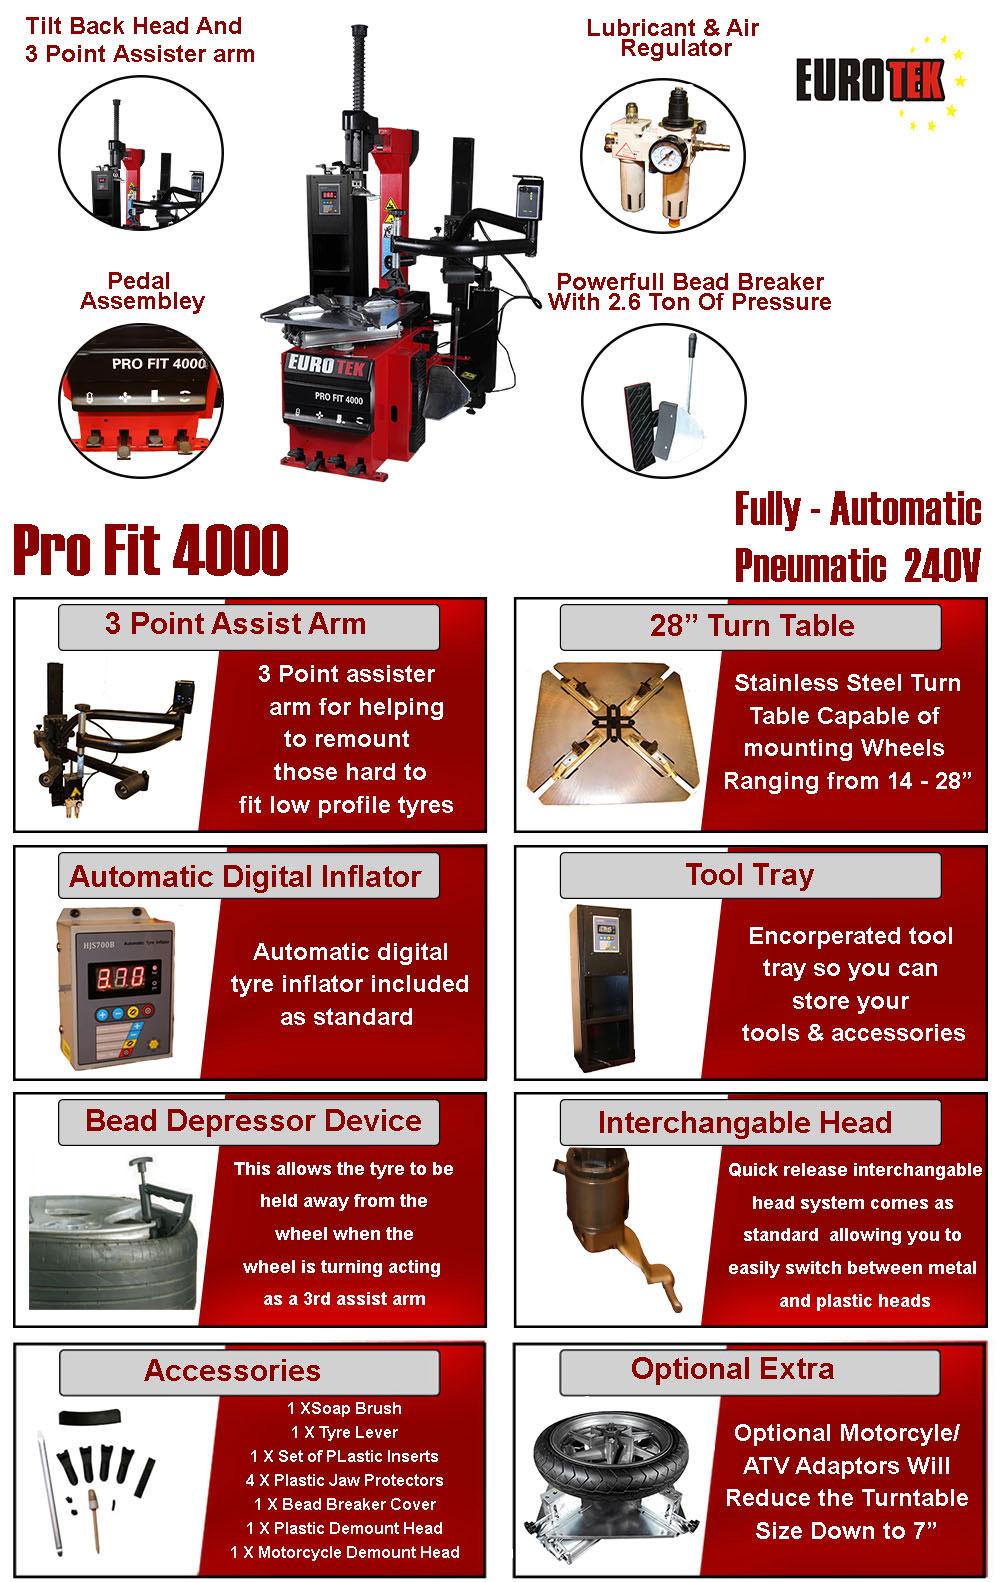 information flyer for Eurotek Profit 4000 Tyre changer